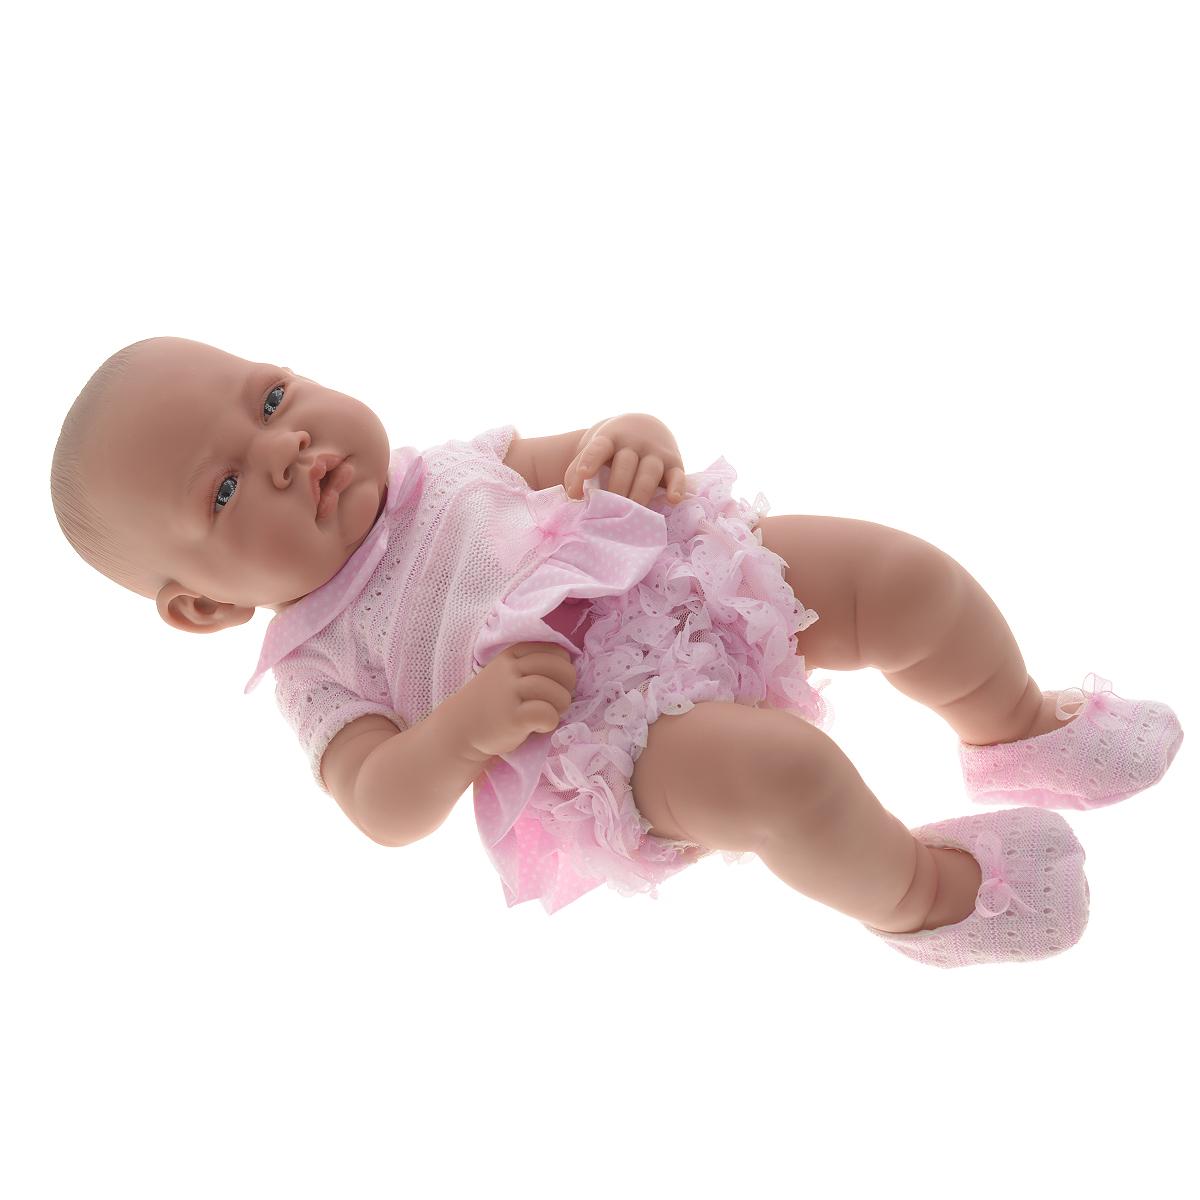 Кукла-девочка Antonio Juan Эми, цвет: розовый, 42 см5085PКукла-девочка Antonio Juan Эми порадует вашу малышку и подарит массу положительных эмоций. Кукла выполнена с анатомической точностью и выглядит совсем как настоящий младенец. Кукла полностью изготовлена из высококачественного винила с покрытием софт-тач, мягкого и приятного на ощупь. Ручки, ножки и голова подвижные. У куклы идеально соблюдены пропорции тела, воспроизведены все складочки новорожденного. Эми является уменьшенной копией настоящего младенца с пухлыми щечками и поджатой нижней губкой. Малышка одета в трусики с рюшами и очаровательное вязаное платьишко. На ножках - пинетки, на голове завязан бантик. Встреча с такой куклой вызывает только одно желание - позаботиться о ней, прижать ее к себе, убаюкать, покормить, запеленать. Такая игрушка - предел мечтаний любой девочки! Игра в куклы учит детей проявлять заботу, доброту и выражать свои чувства. Munecas Antonio Juan (куклы Антонио Хуан) - это бренд с многолетней историей! Образы малышей Мунекас...